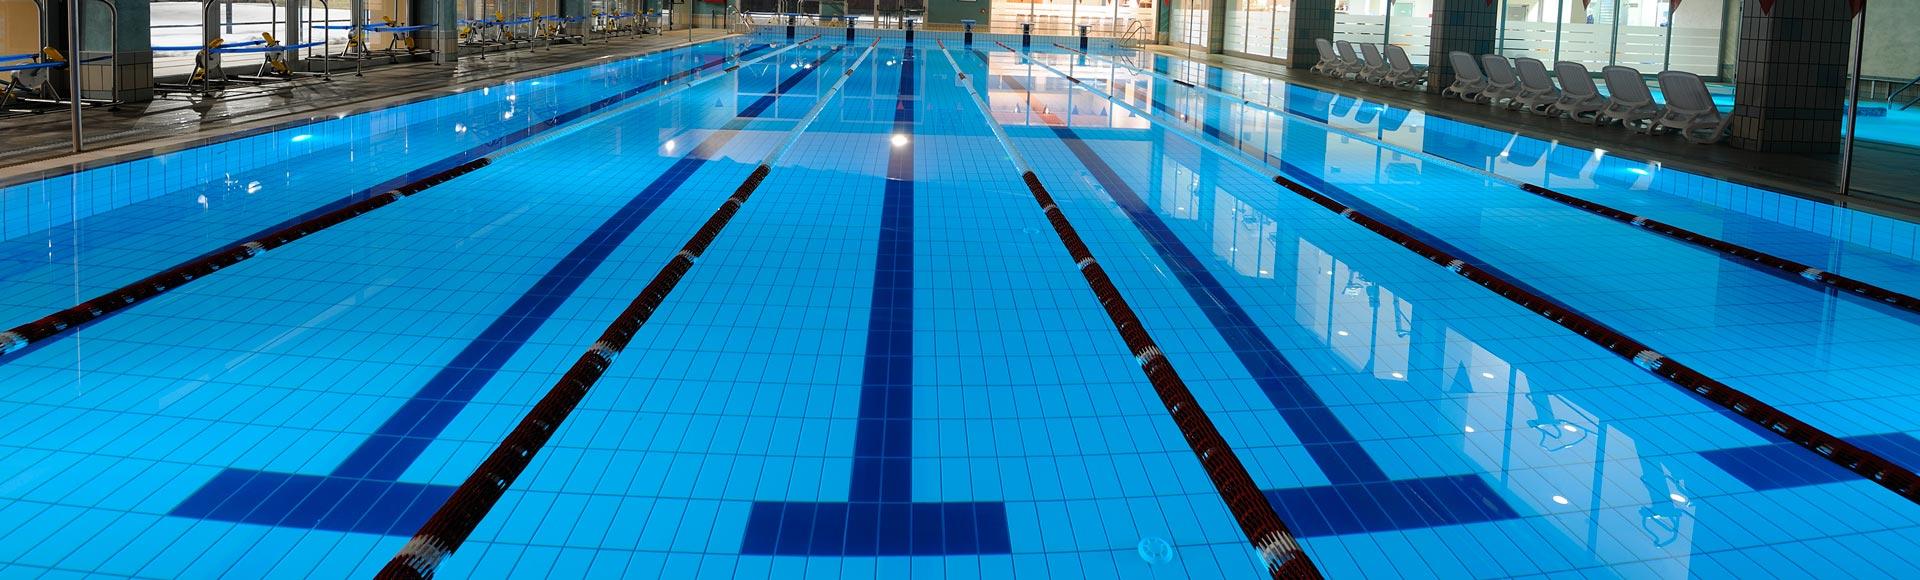 Bertoli e la piscina duro attacco del plr al capo del for Piani del padiglione della piscina